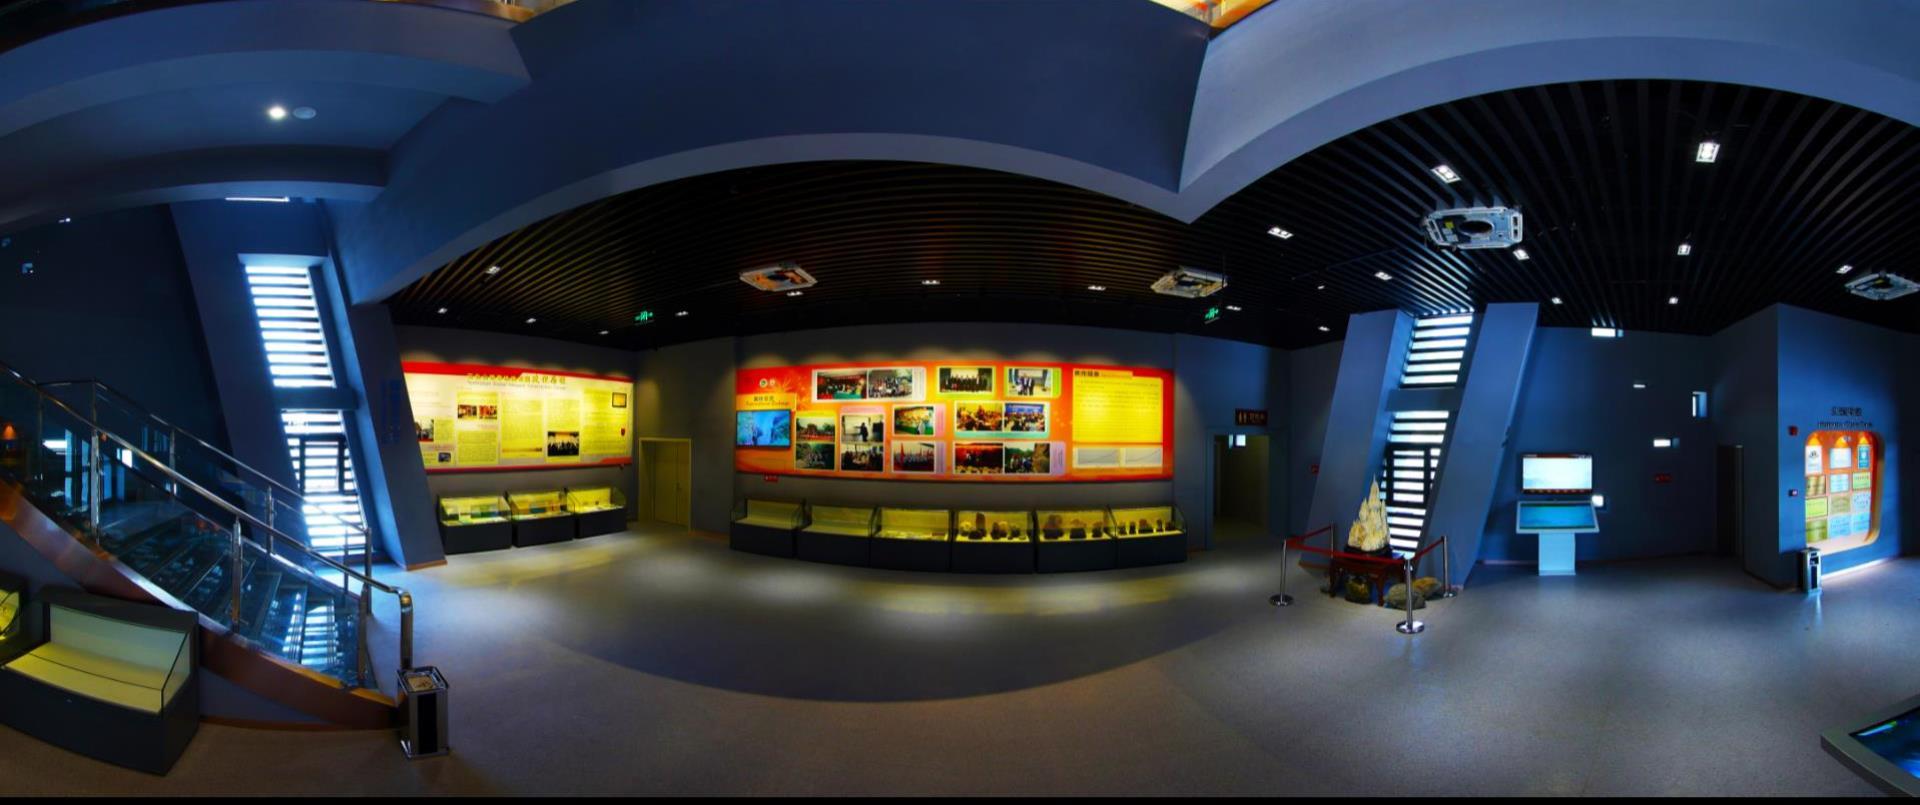 迎泽区本地数字投影展厅电话「深圳智飞亚智能科技供应」